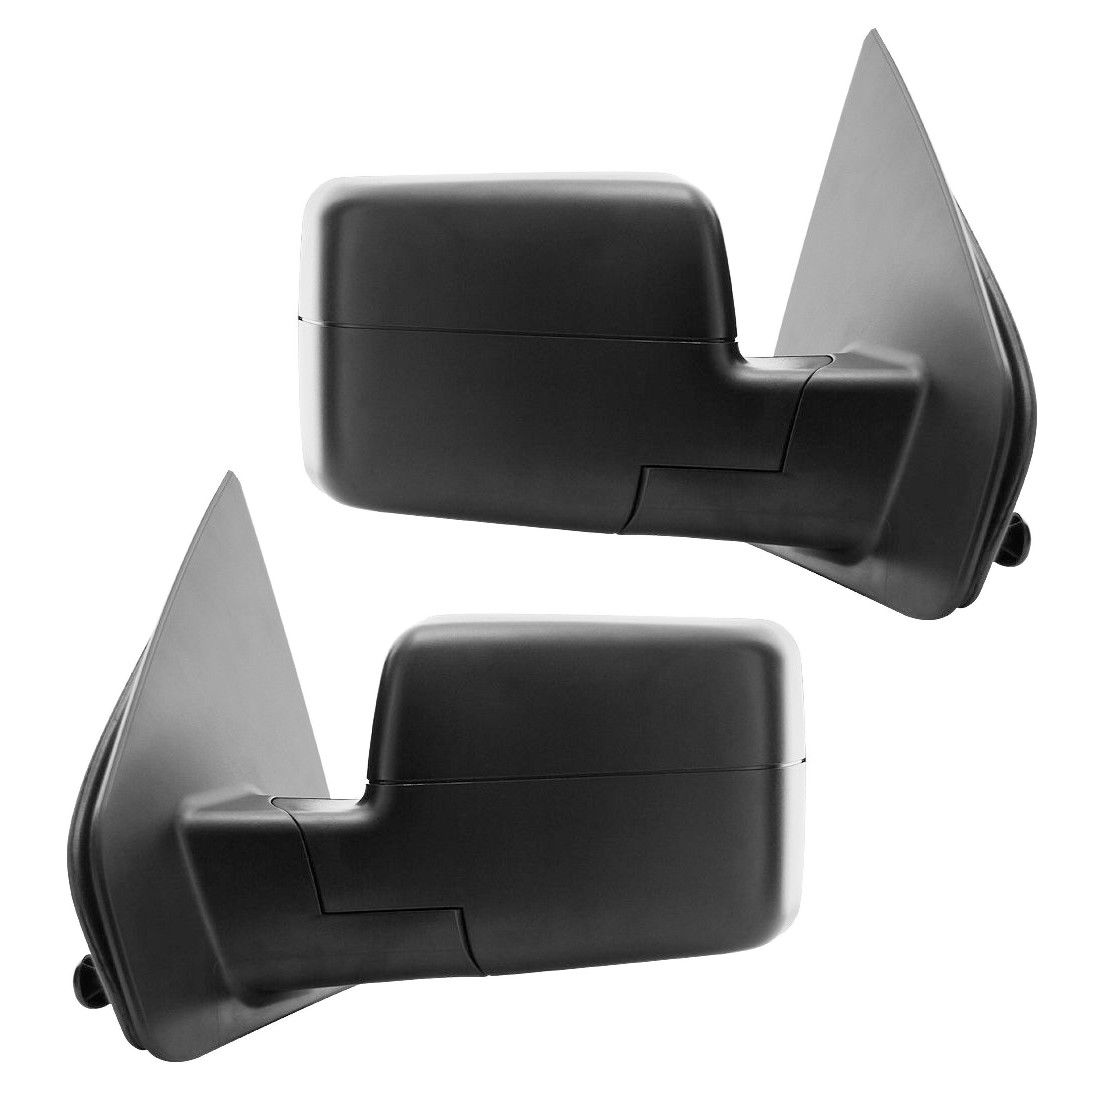 ミラー New Set of 2 Power Heated LED Turn Signal Door Mirrors for Ford F-150 04-06 Pair フォードF-150用の2つのパワーヒーティングLEDターンシグナルドアミラーの新しいセット04-06ペア